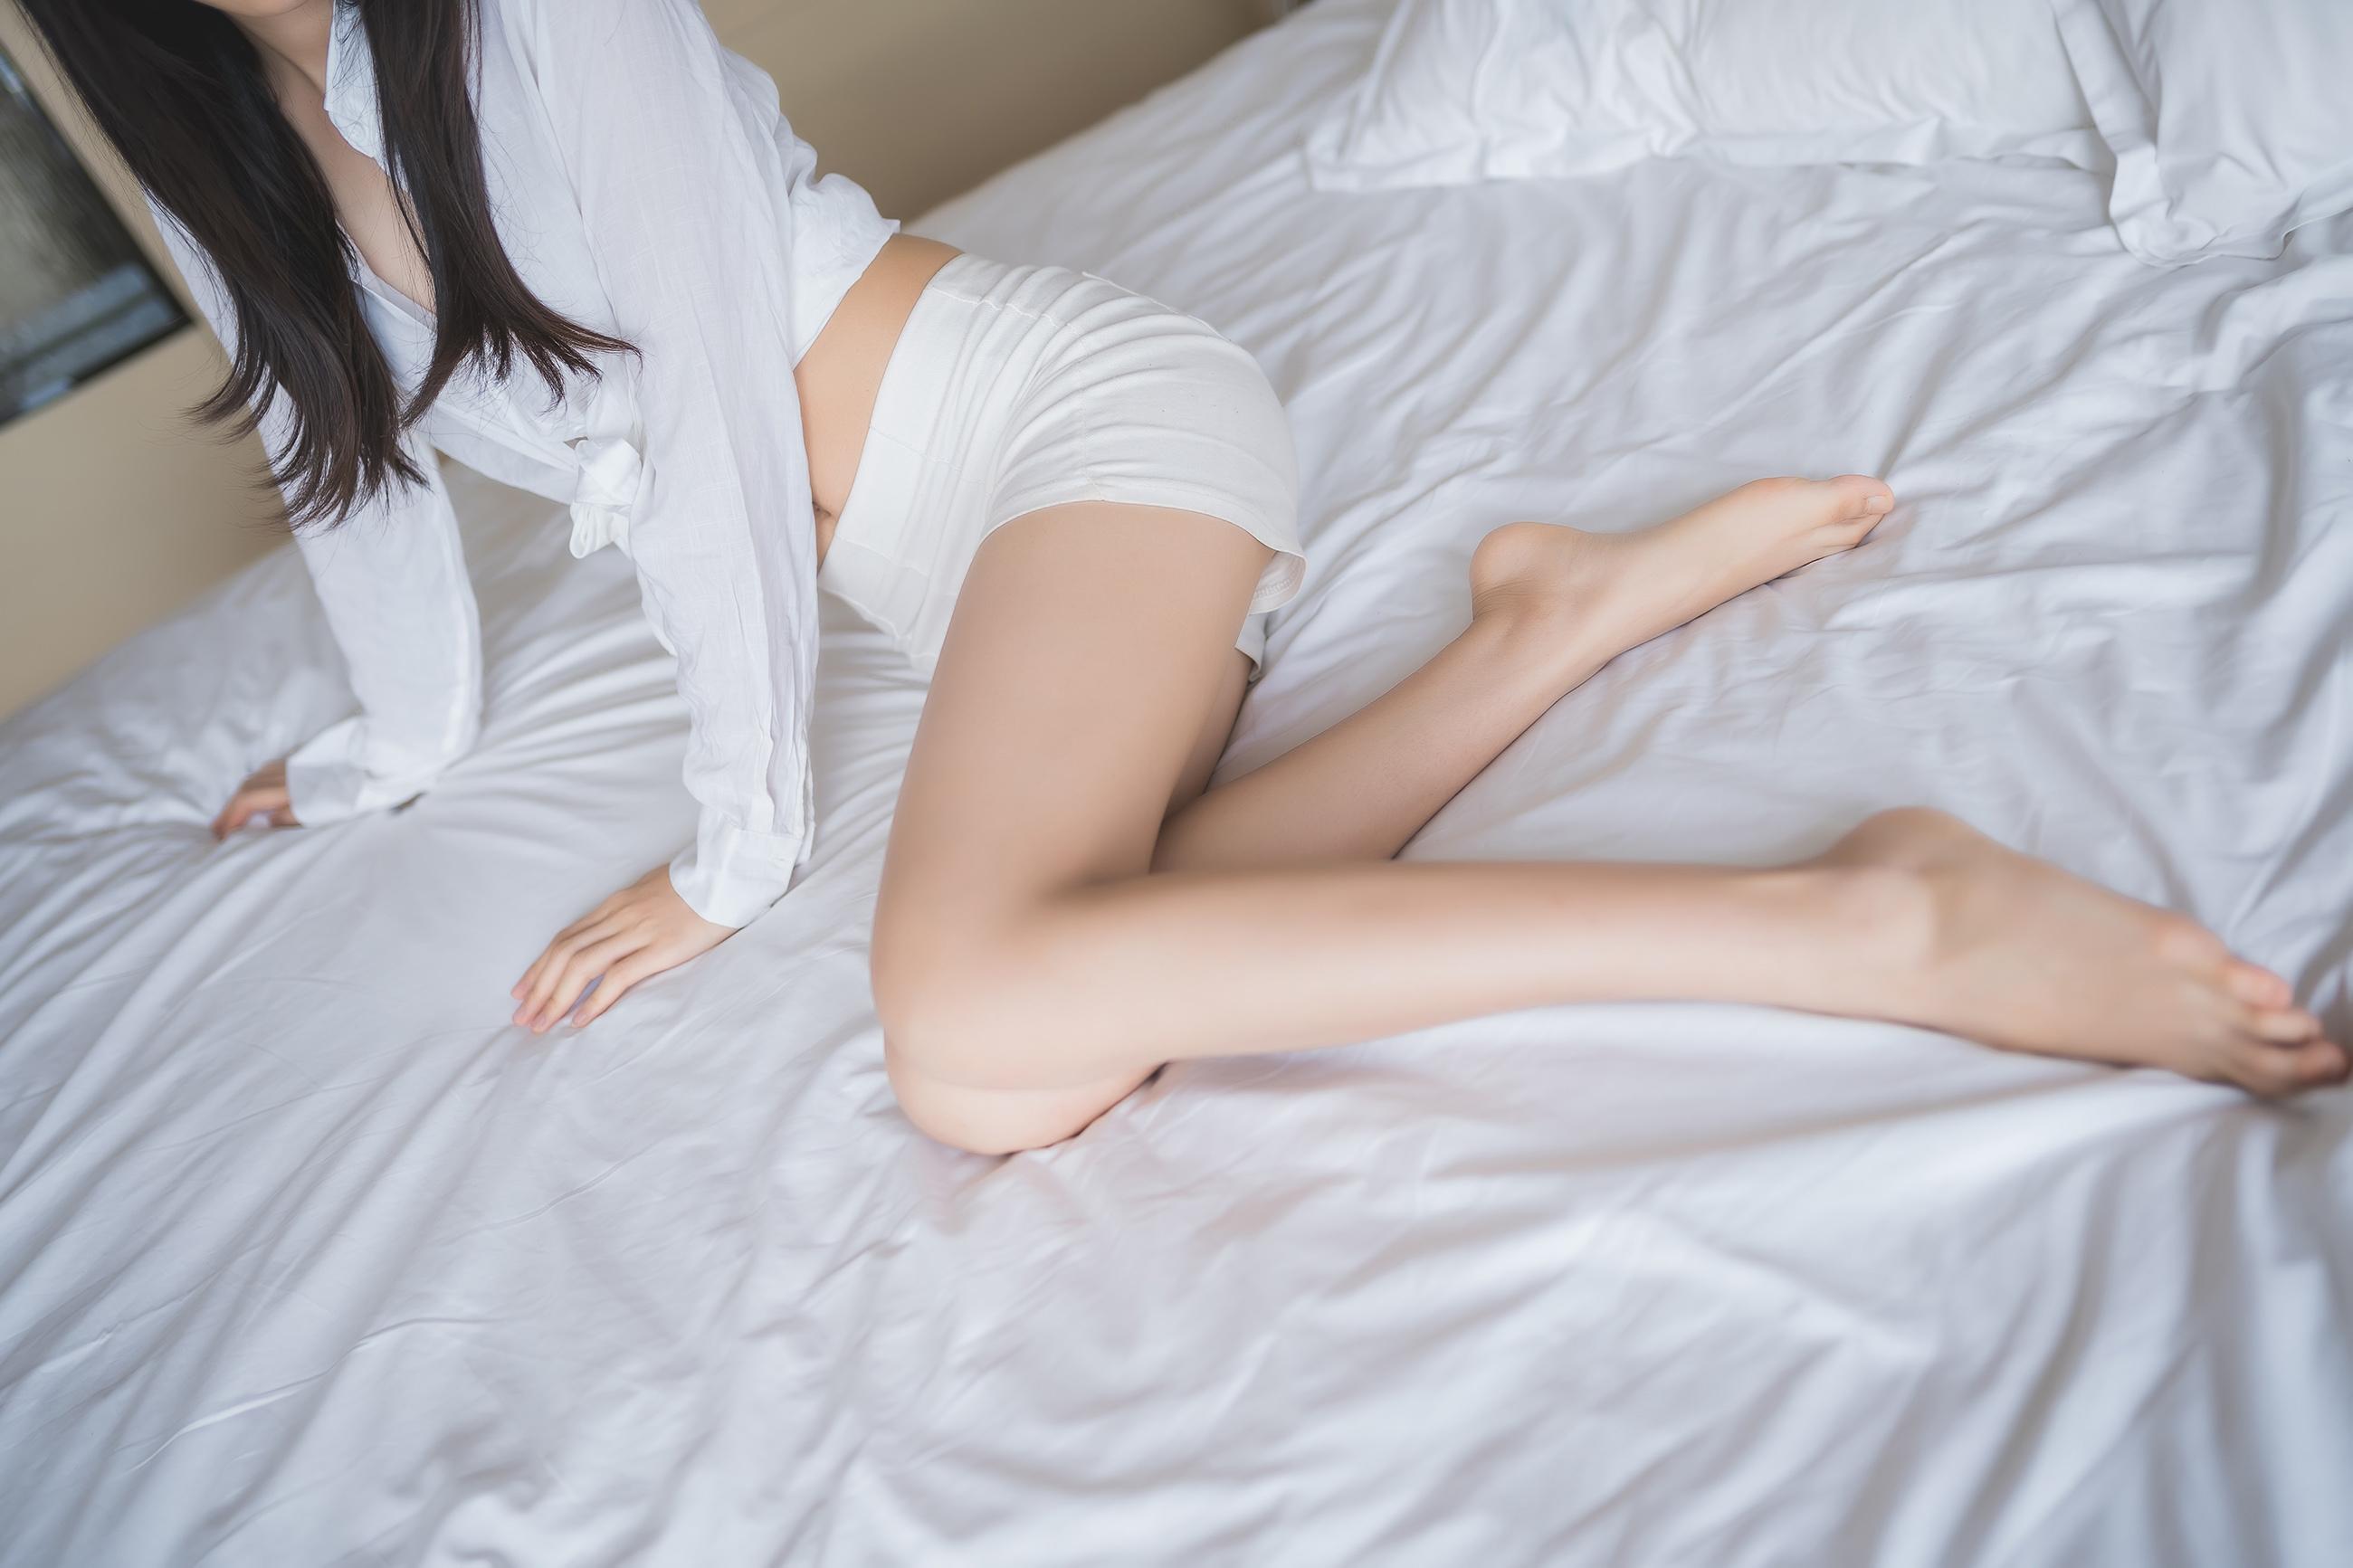 搜狗站在seo-9c8959